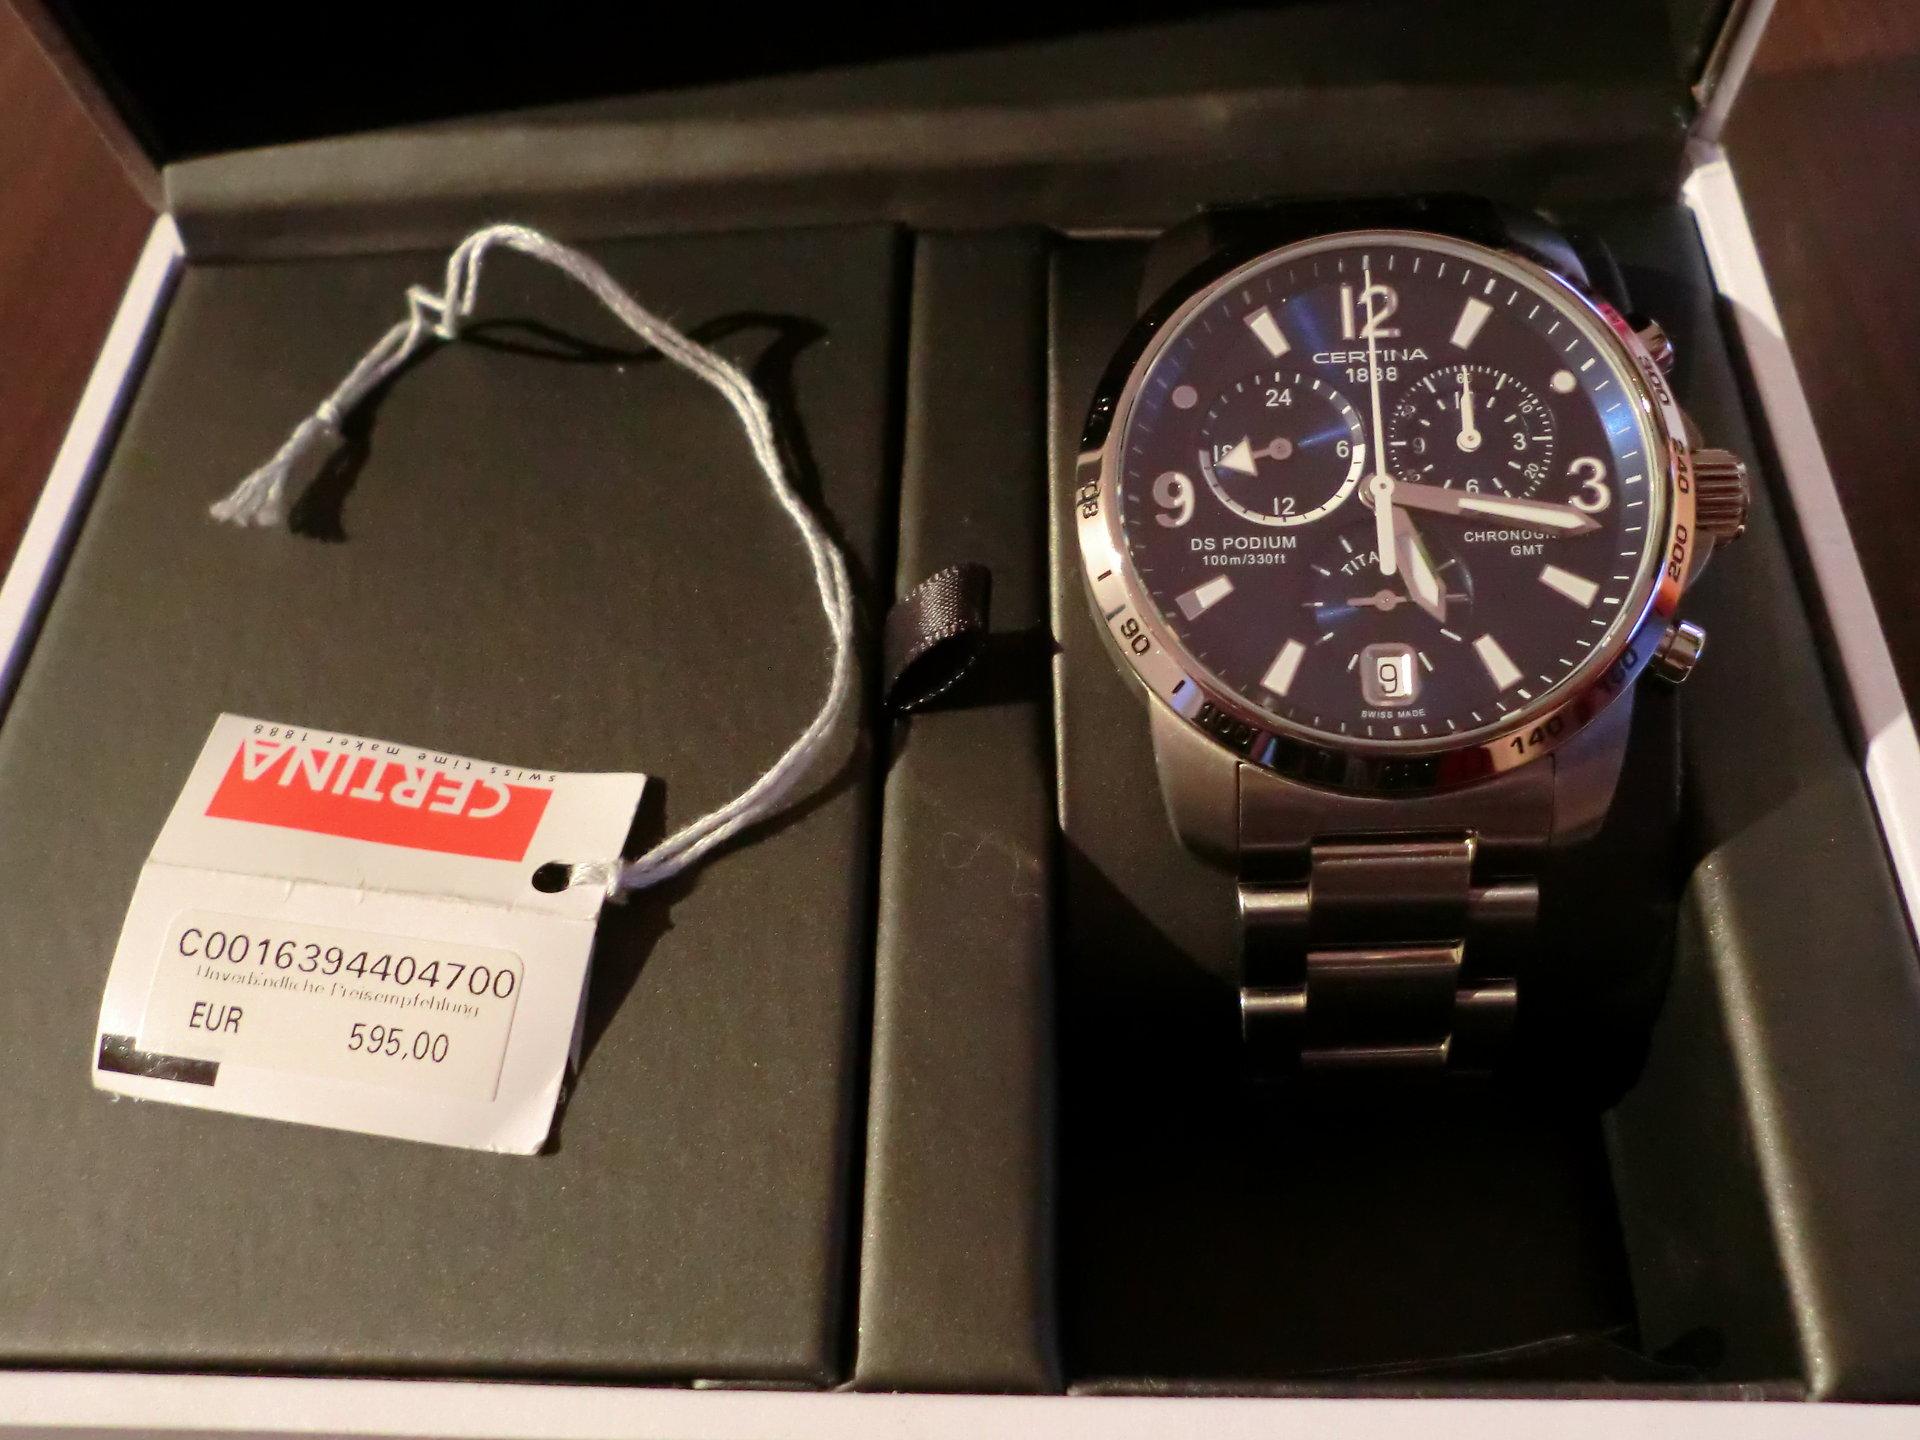 Купить часы Certina, каталог и цены на наручные часы Certina